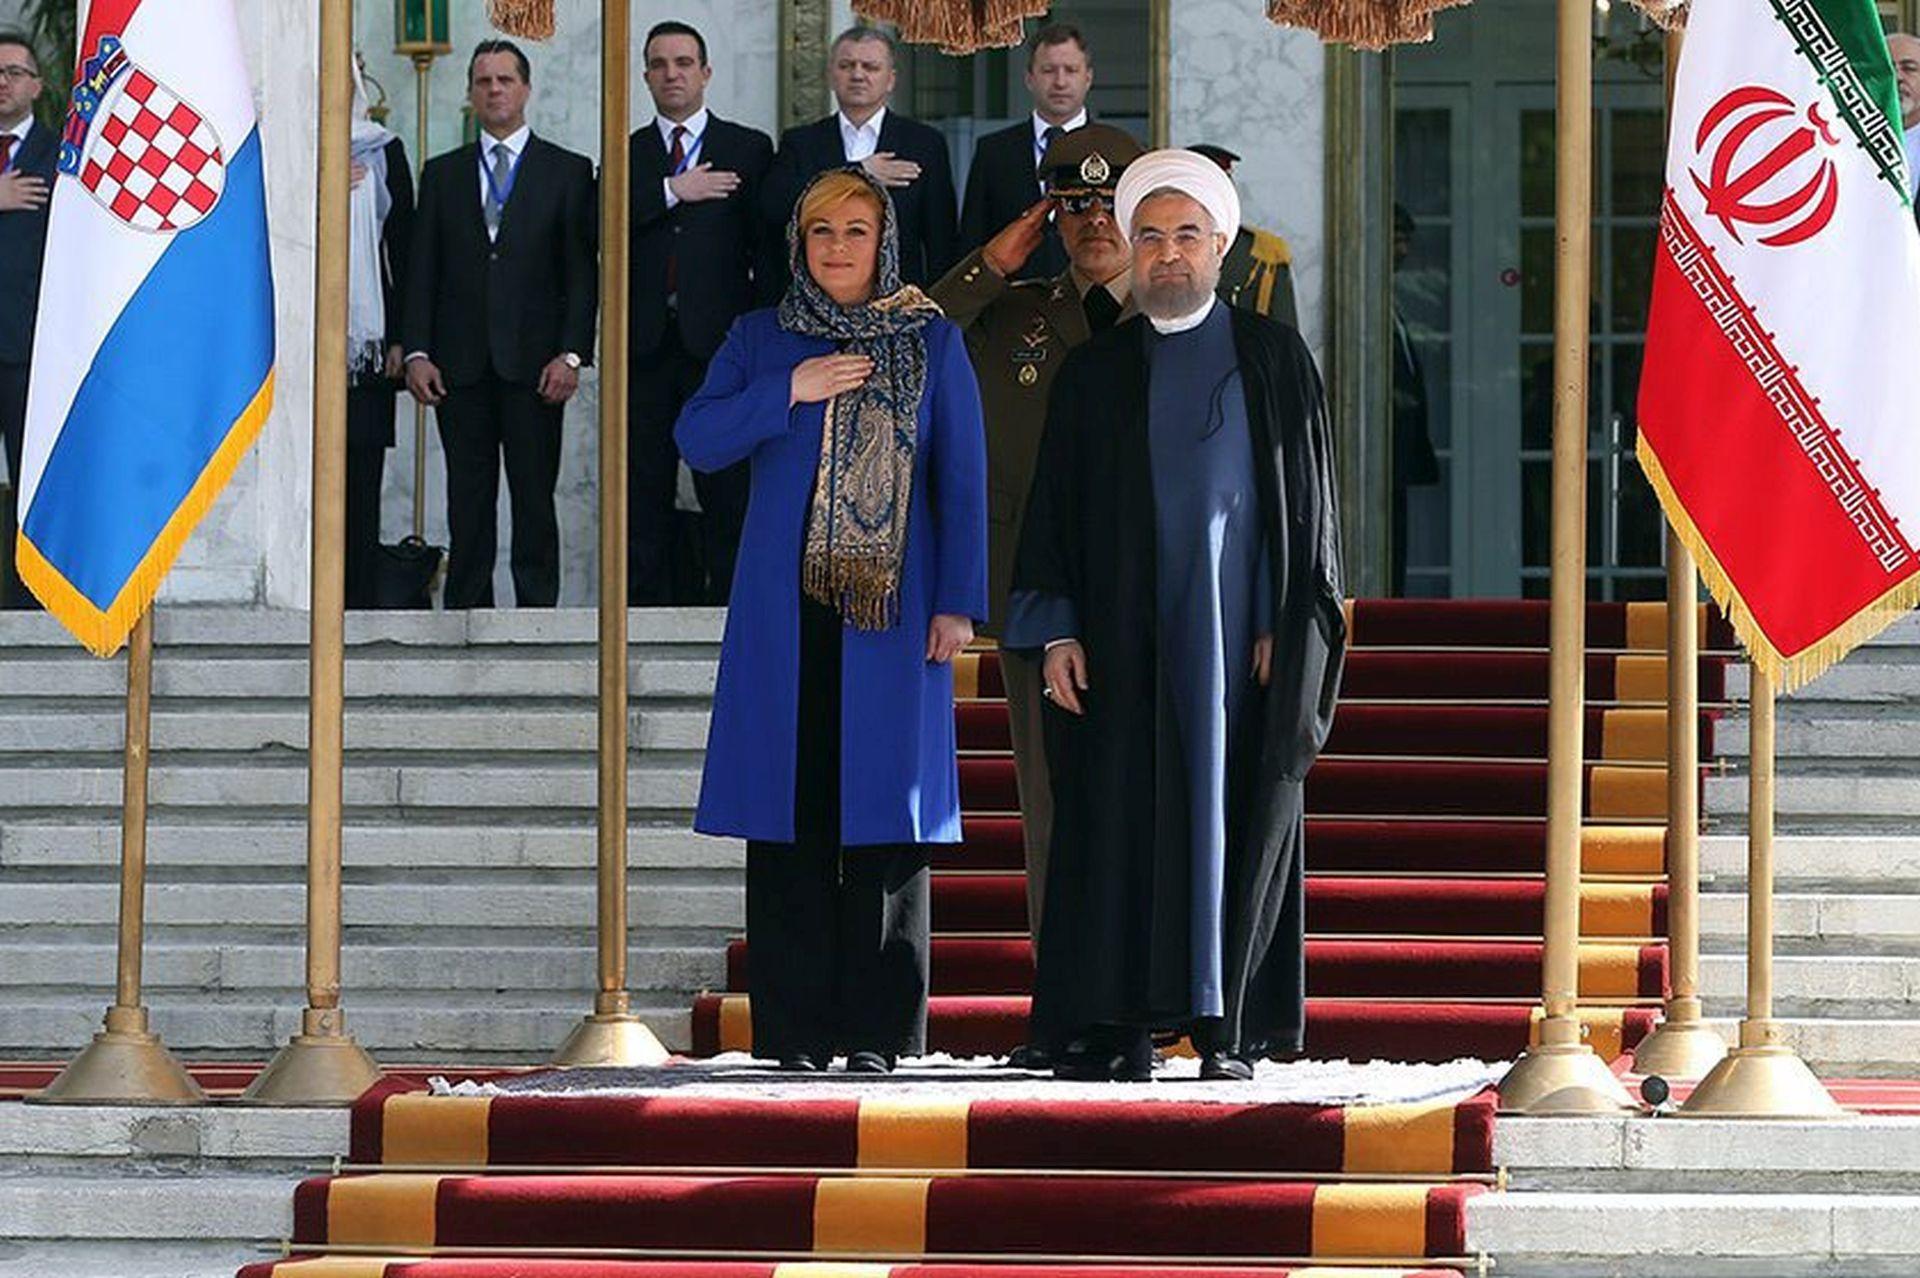 JAČANJE MEĐUSOBNE SURADNJE: Hrvatska može Iranu biti ulaz prema EU-u